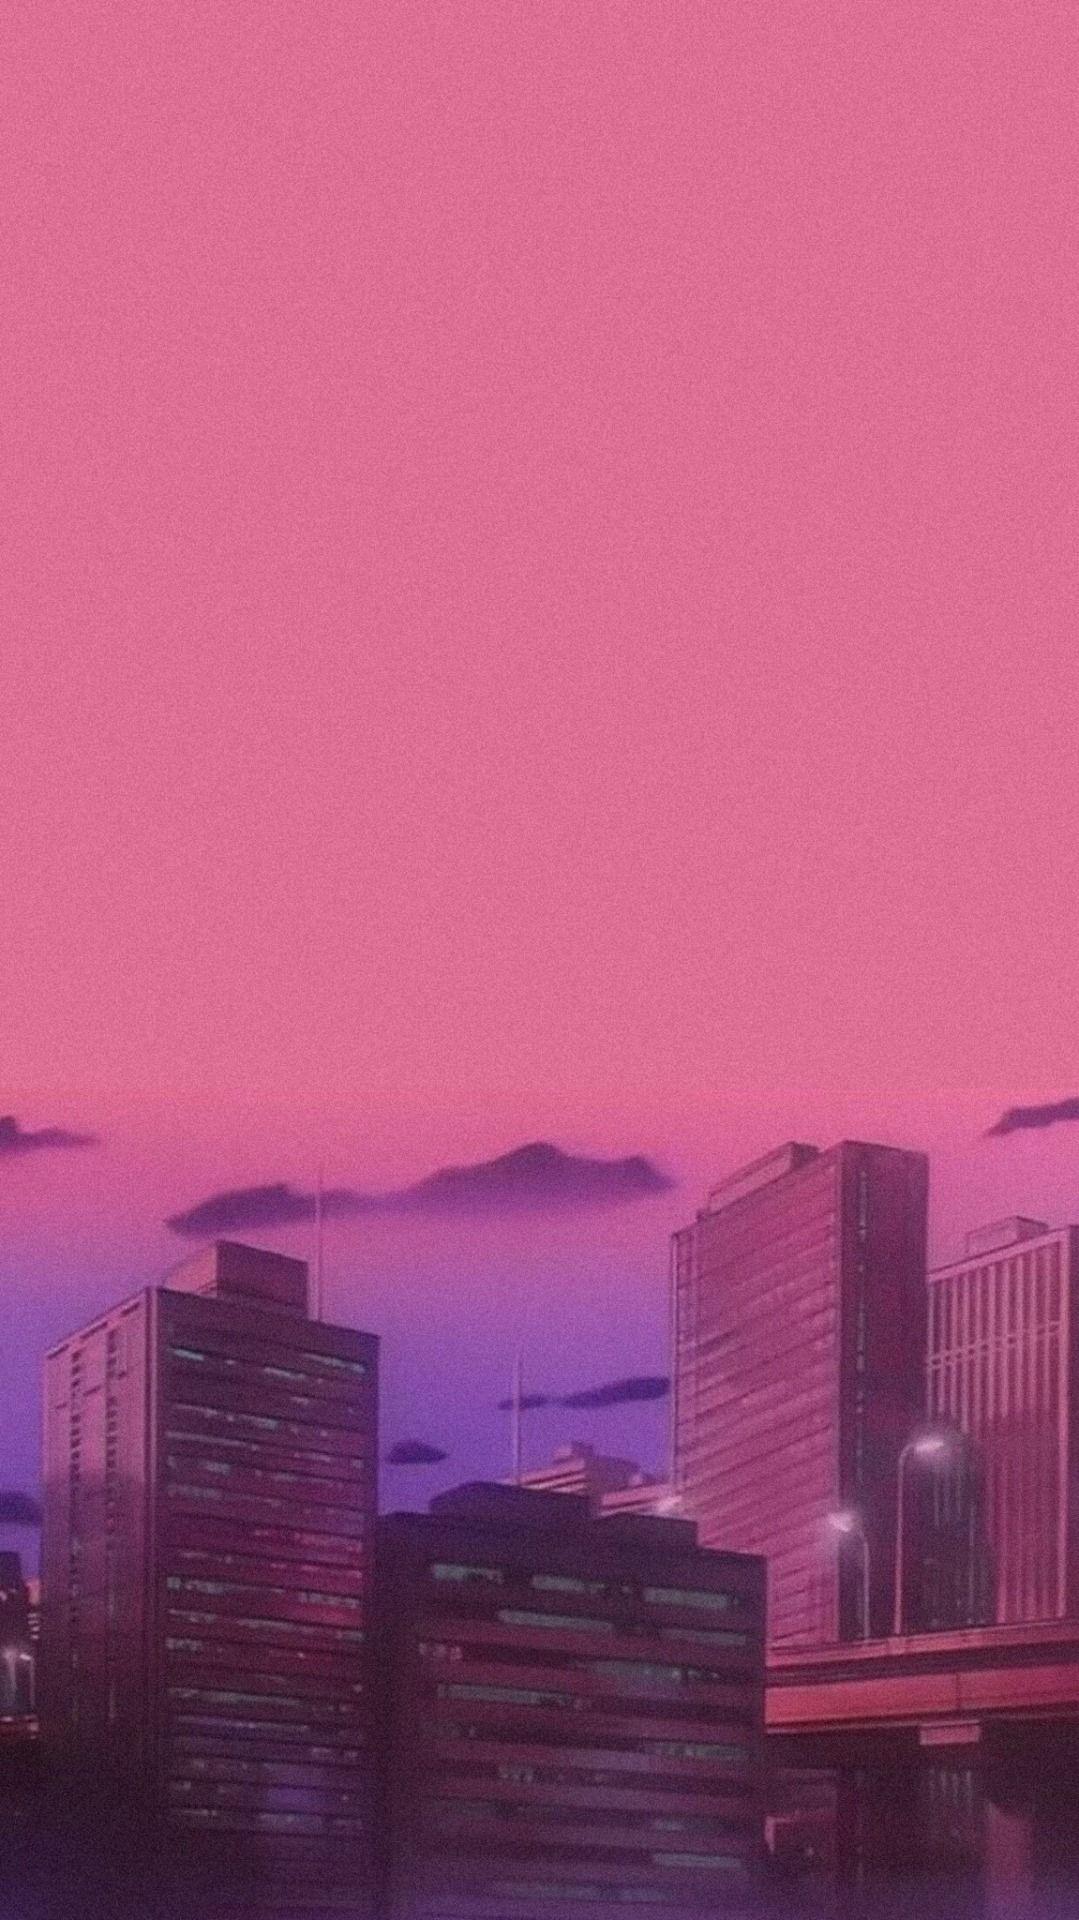 𝐜 𝐥 𝐫 𝐱 𝐱 𝐢 Aesthetics Lockscreens For You Pink Retro Wallpaper Pink Wallpaper Iphone Aesthetic Wallpapers